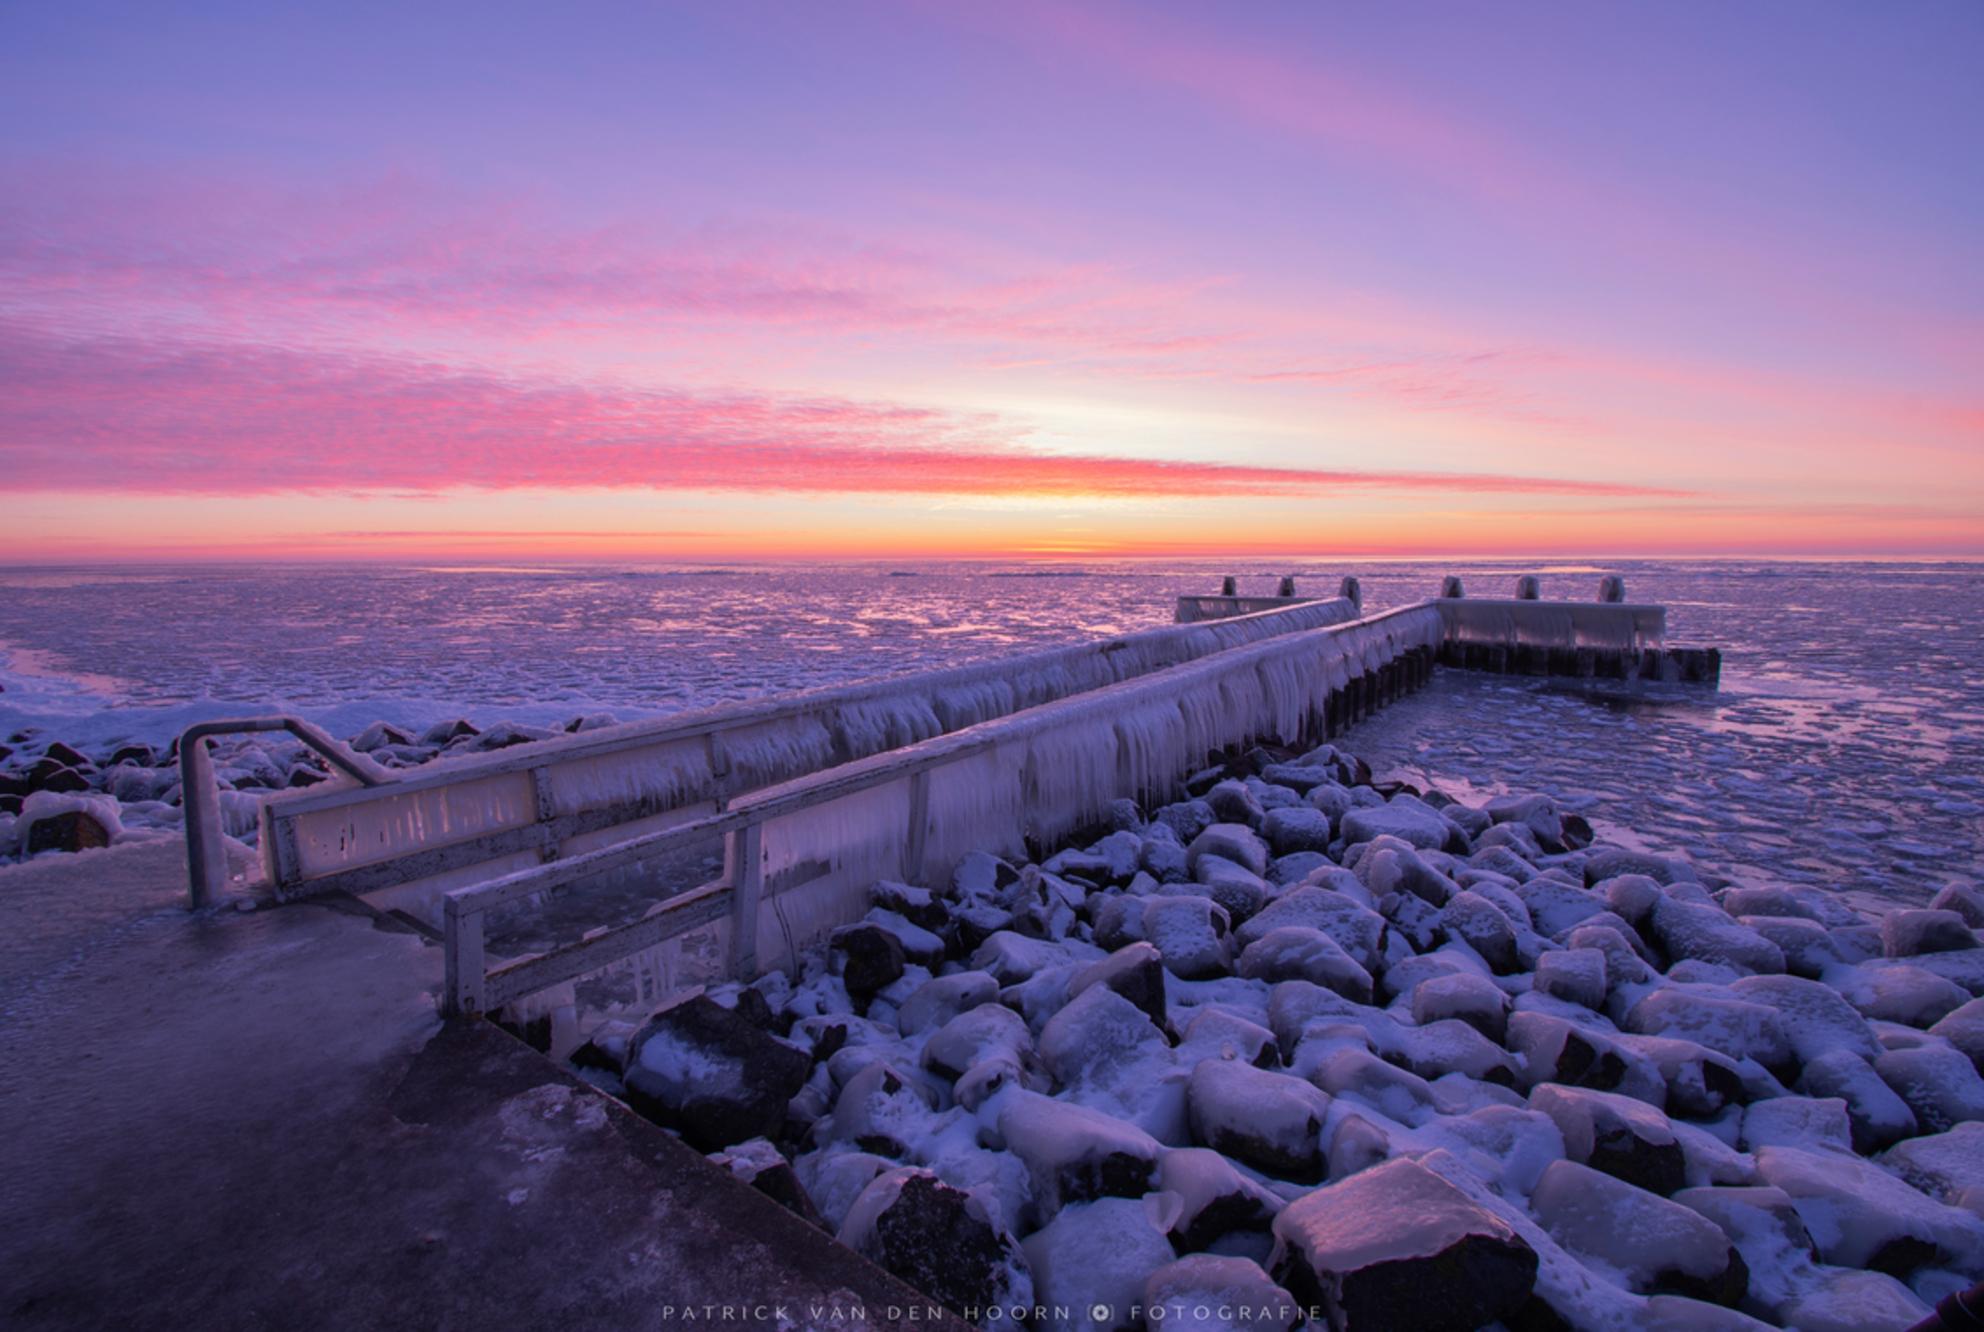 Amazing sunrise - Wat was het prachtig vanochtend! Qua kleur is deze foto onbewerkt, zo mooi was het. De lucht was zo paars dat zelfs de besneeuwde stenen paars kleu - foto door Patrick-van-den-Hoorn op 14-02-2021 - deze foto bevat: roze, lucht, wolken, paars, zon, water, sneeuw, ijs, tegenlicht, zonsopkomst, monument, steiger, ijspegels, afsluitdijk, onbewerkt, ijsklomp - Deze foto mag gebruikt worden in een Zoom.nl publicatie